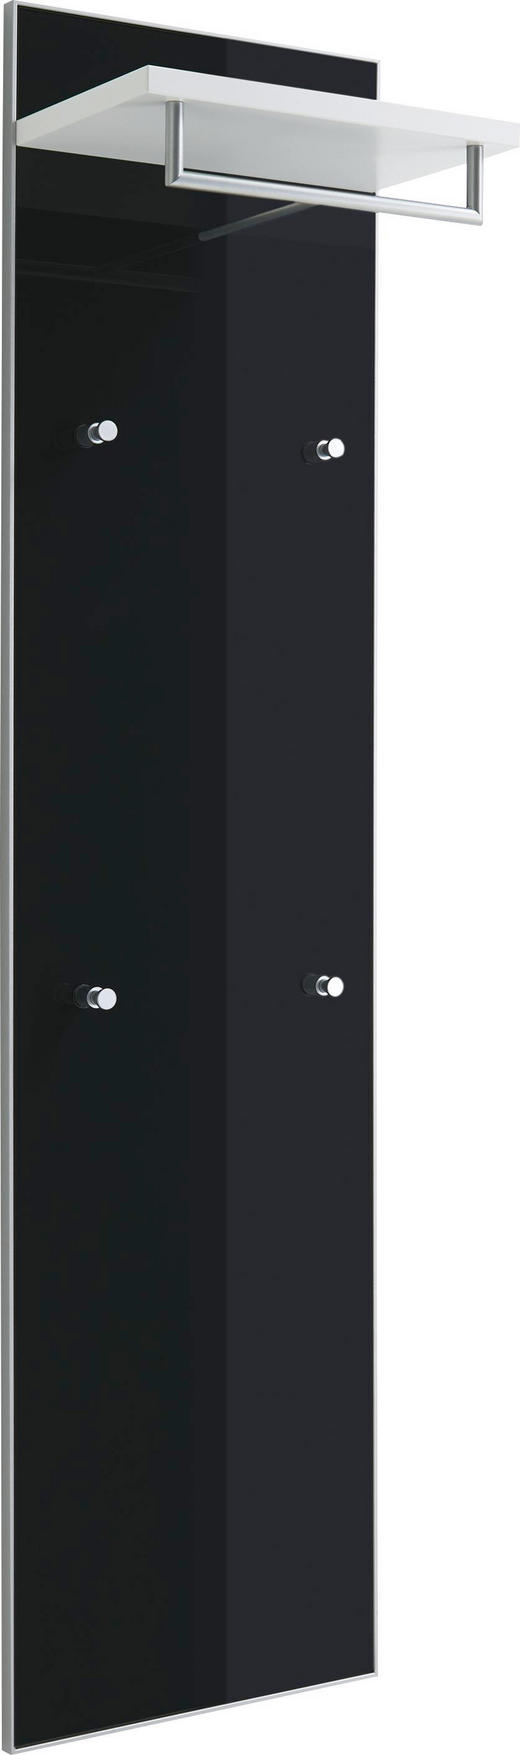 GARDEROBENPANEEL 42/170/27 cm - Anthrazit/Weiß, Design, Glas/Holzwerkstoff (42/170/27cm) - Novel